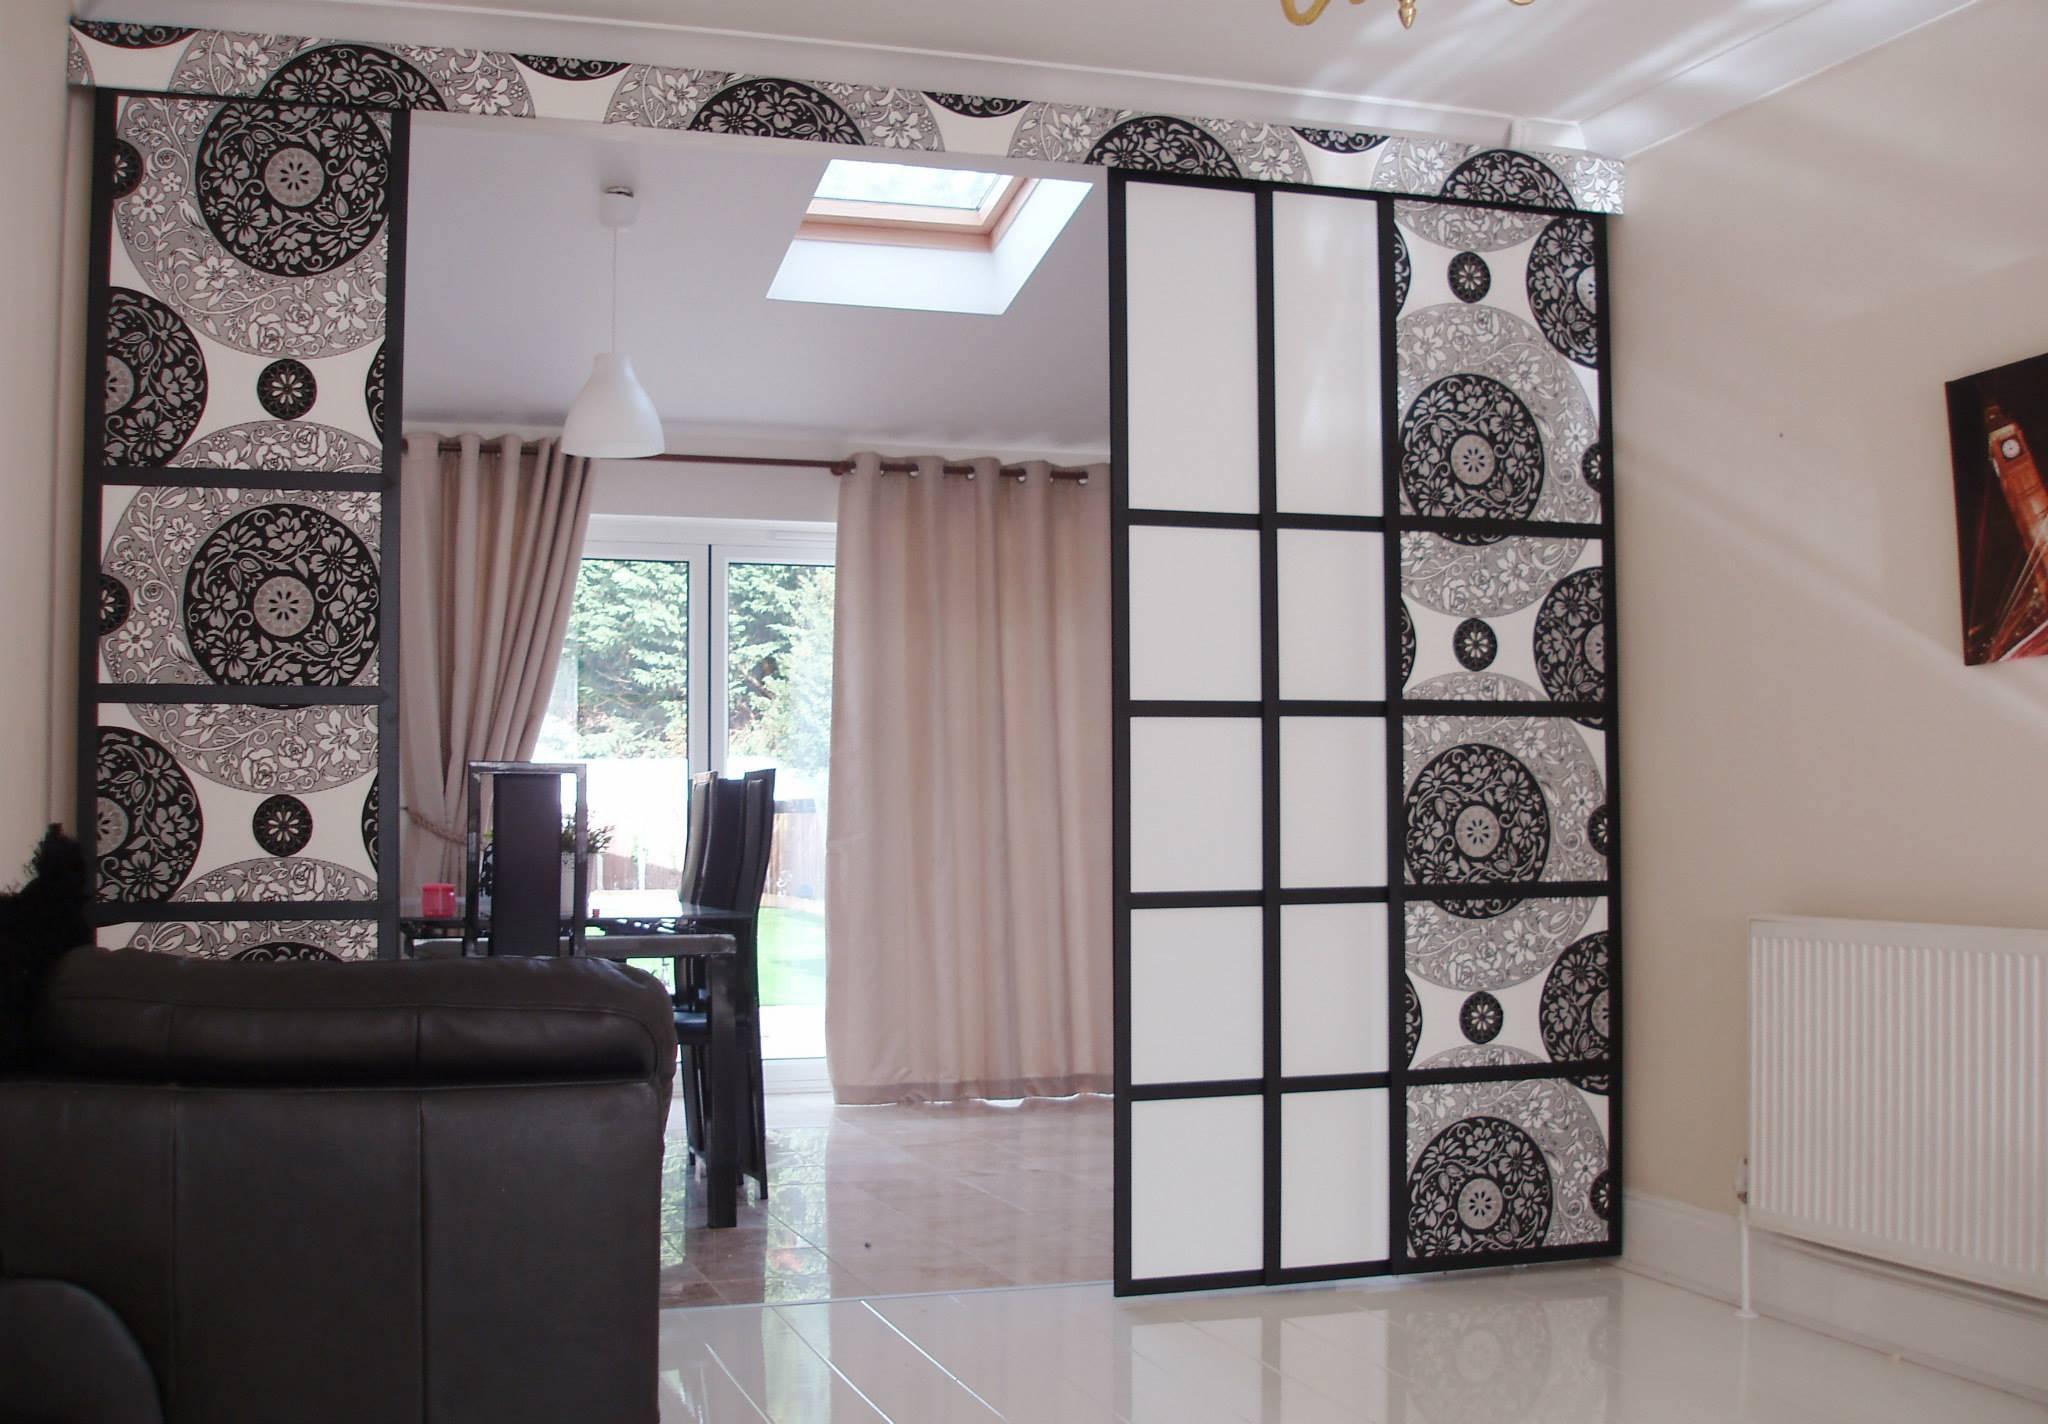 Японские шторы: фото в интерьере, виды, преимущества использования, советы по оформлению комнат